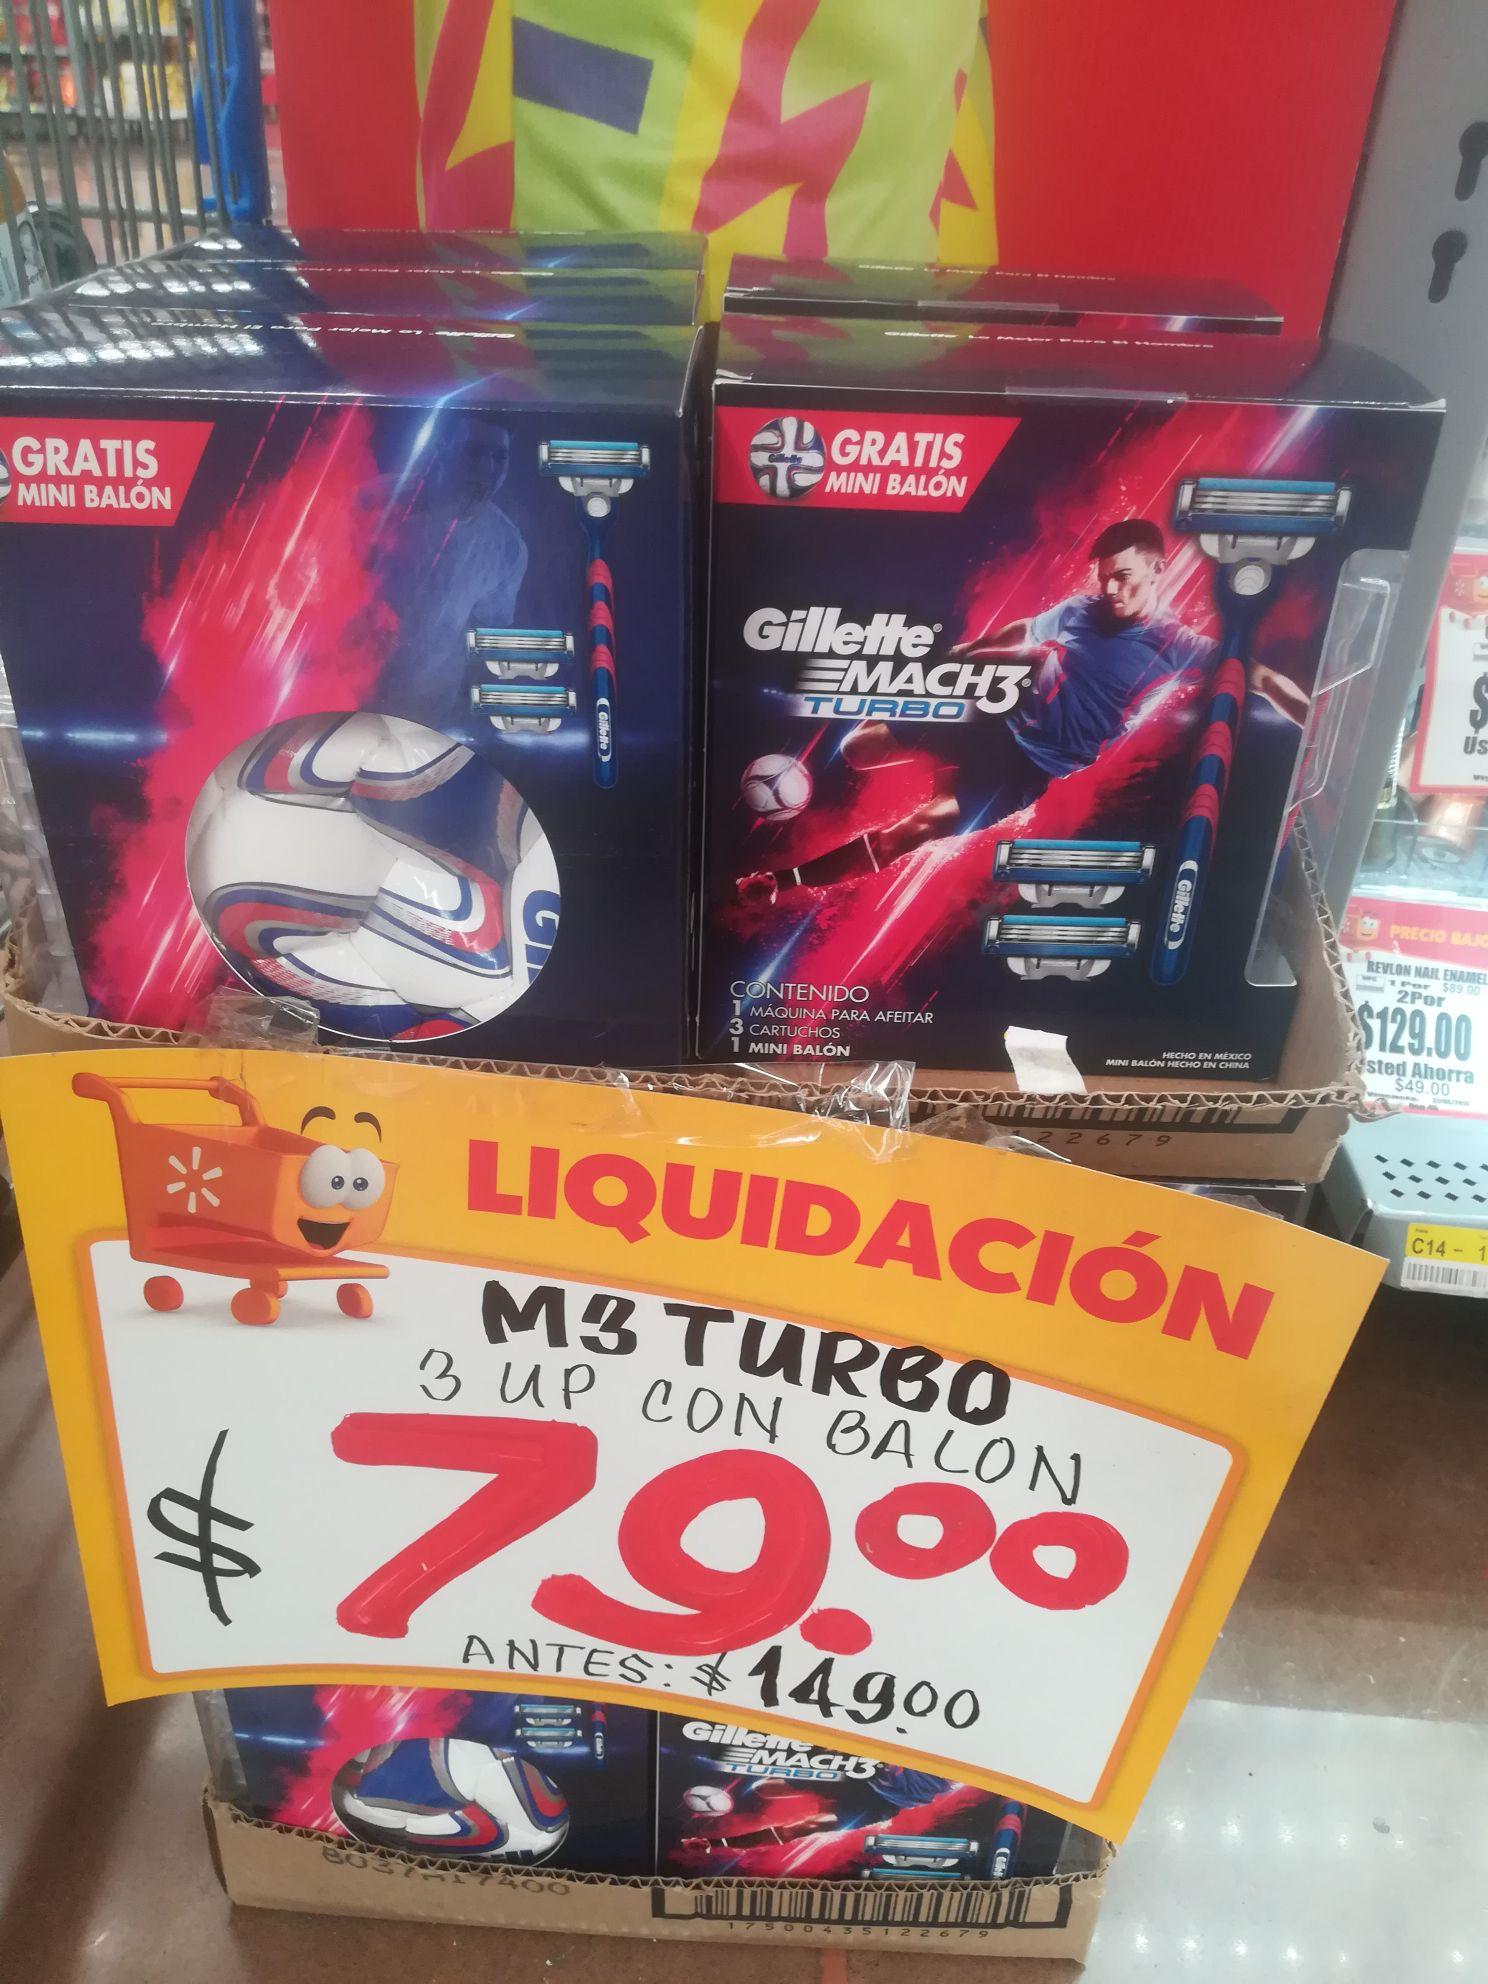 Walmart Tecnologíco Colima: Gillette Mach 3 turbo máquina de afeitar más 3 cartuchos y mini balon s